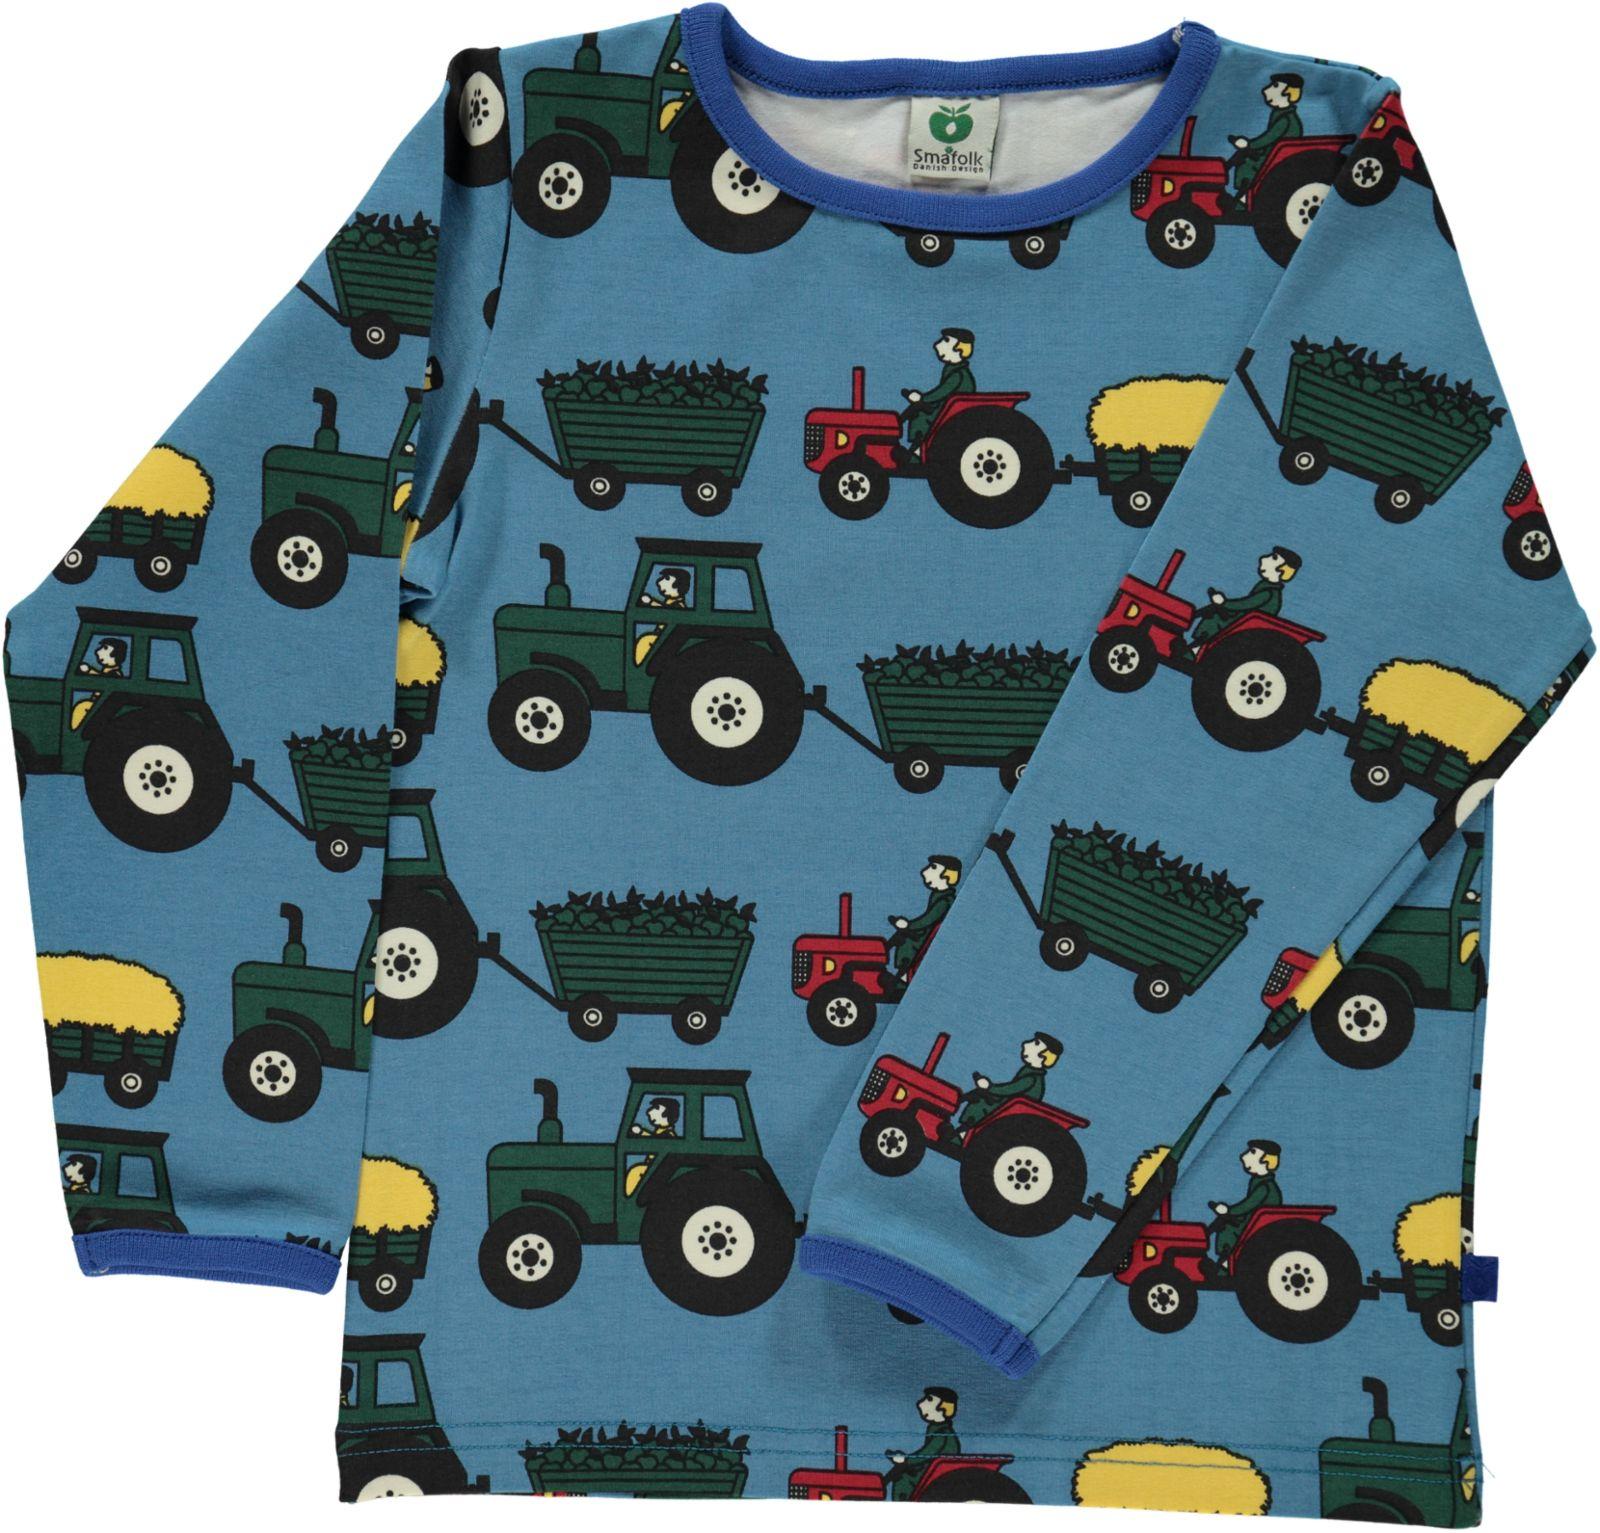 66cfe58e genser til barn med traktor – Småfolk genser med traktor – Mio Trend